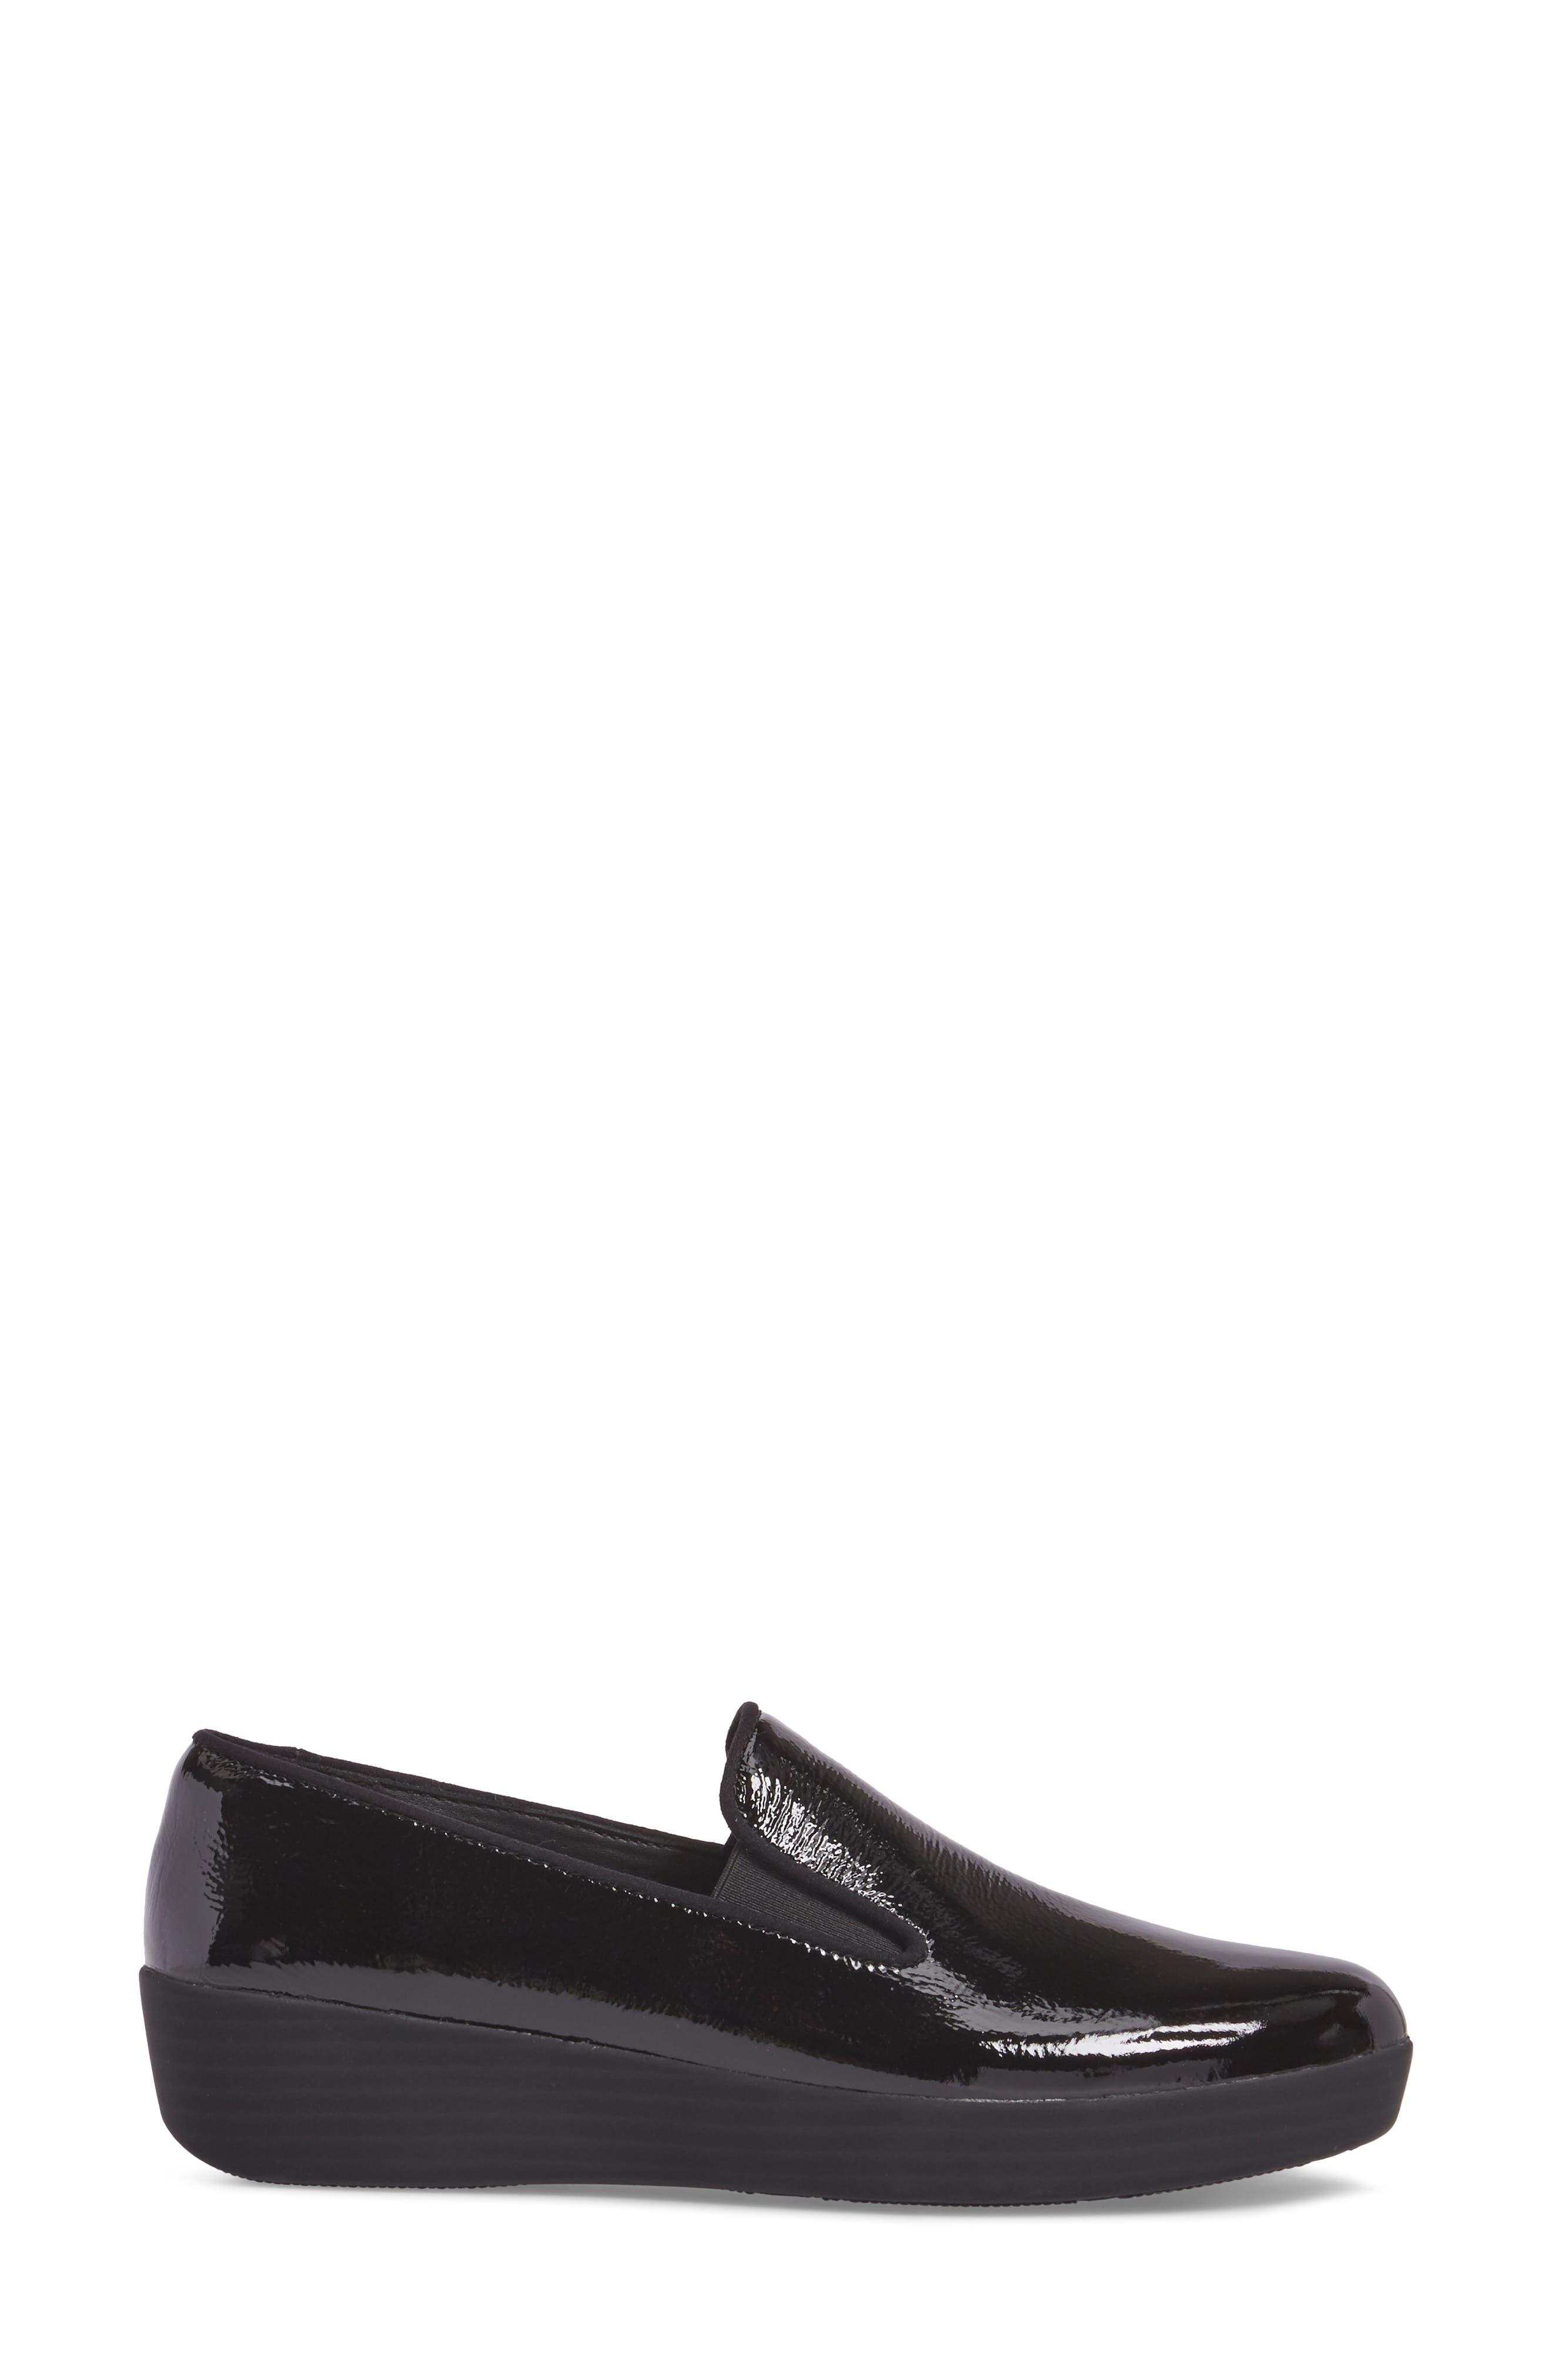 SuperSkate<sup>™</sup> Loafer,                             Alternate thumbnail 3, color,                             Black